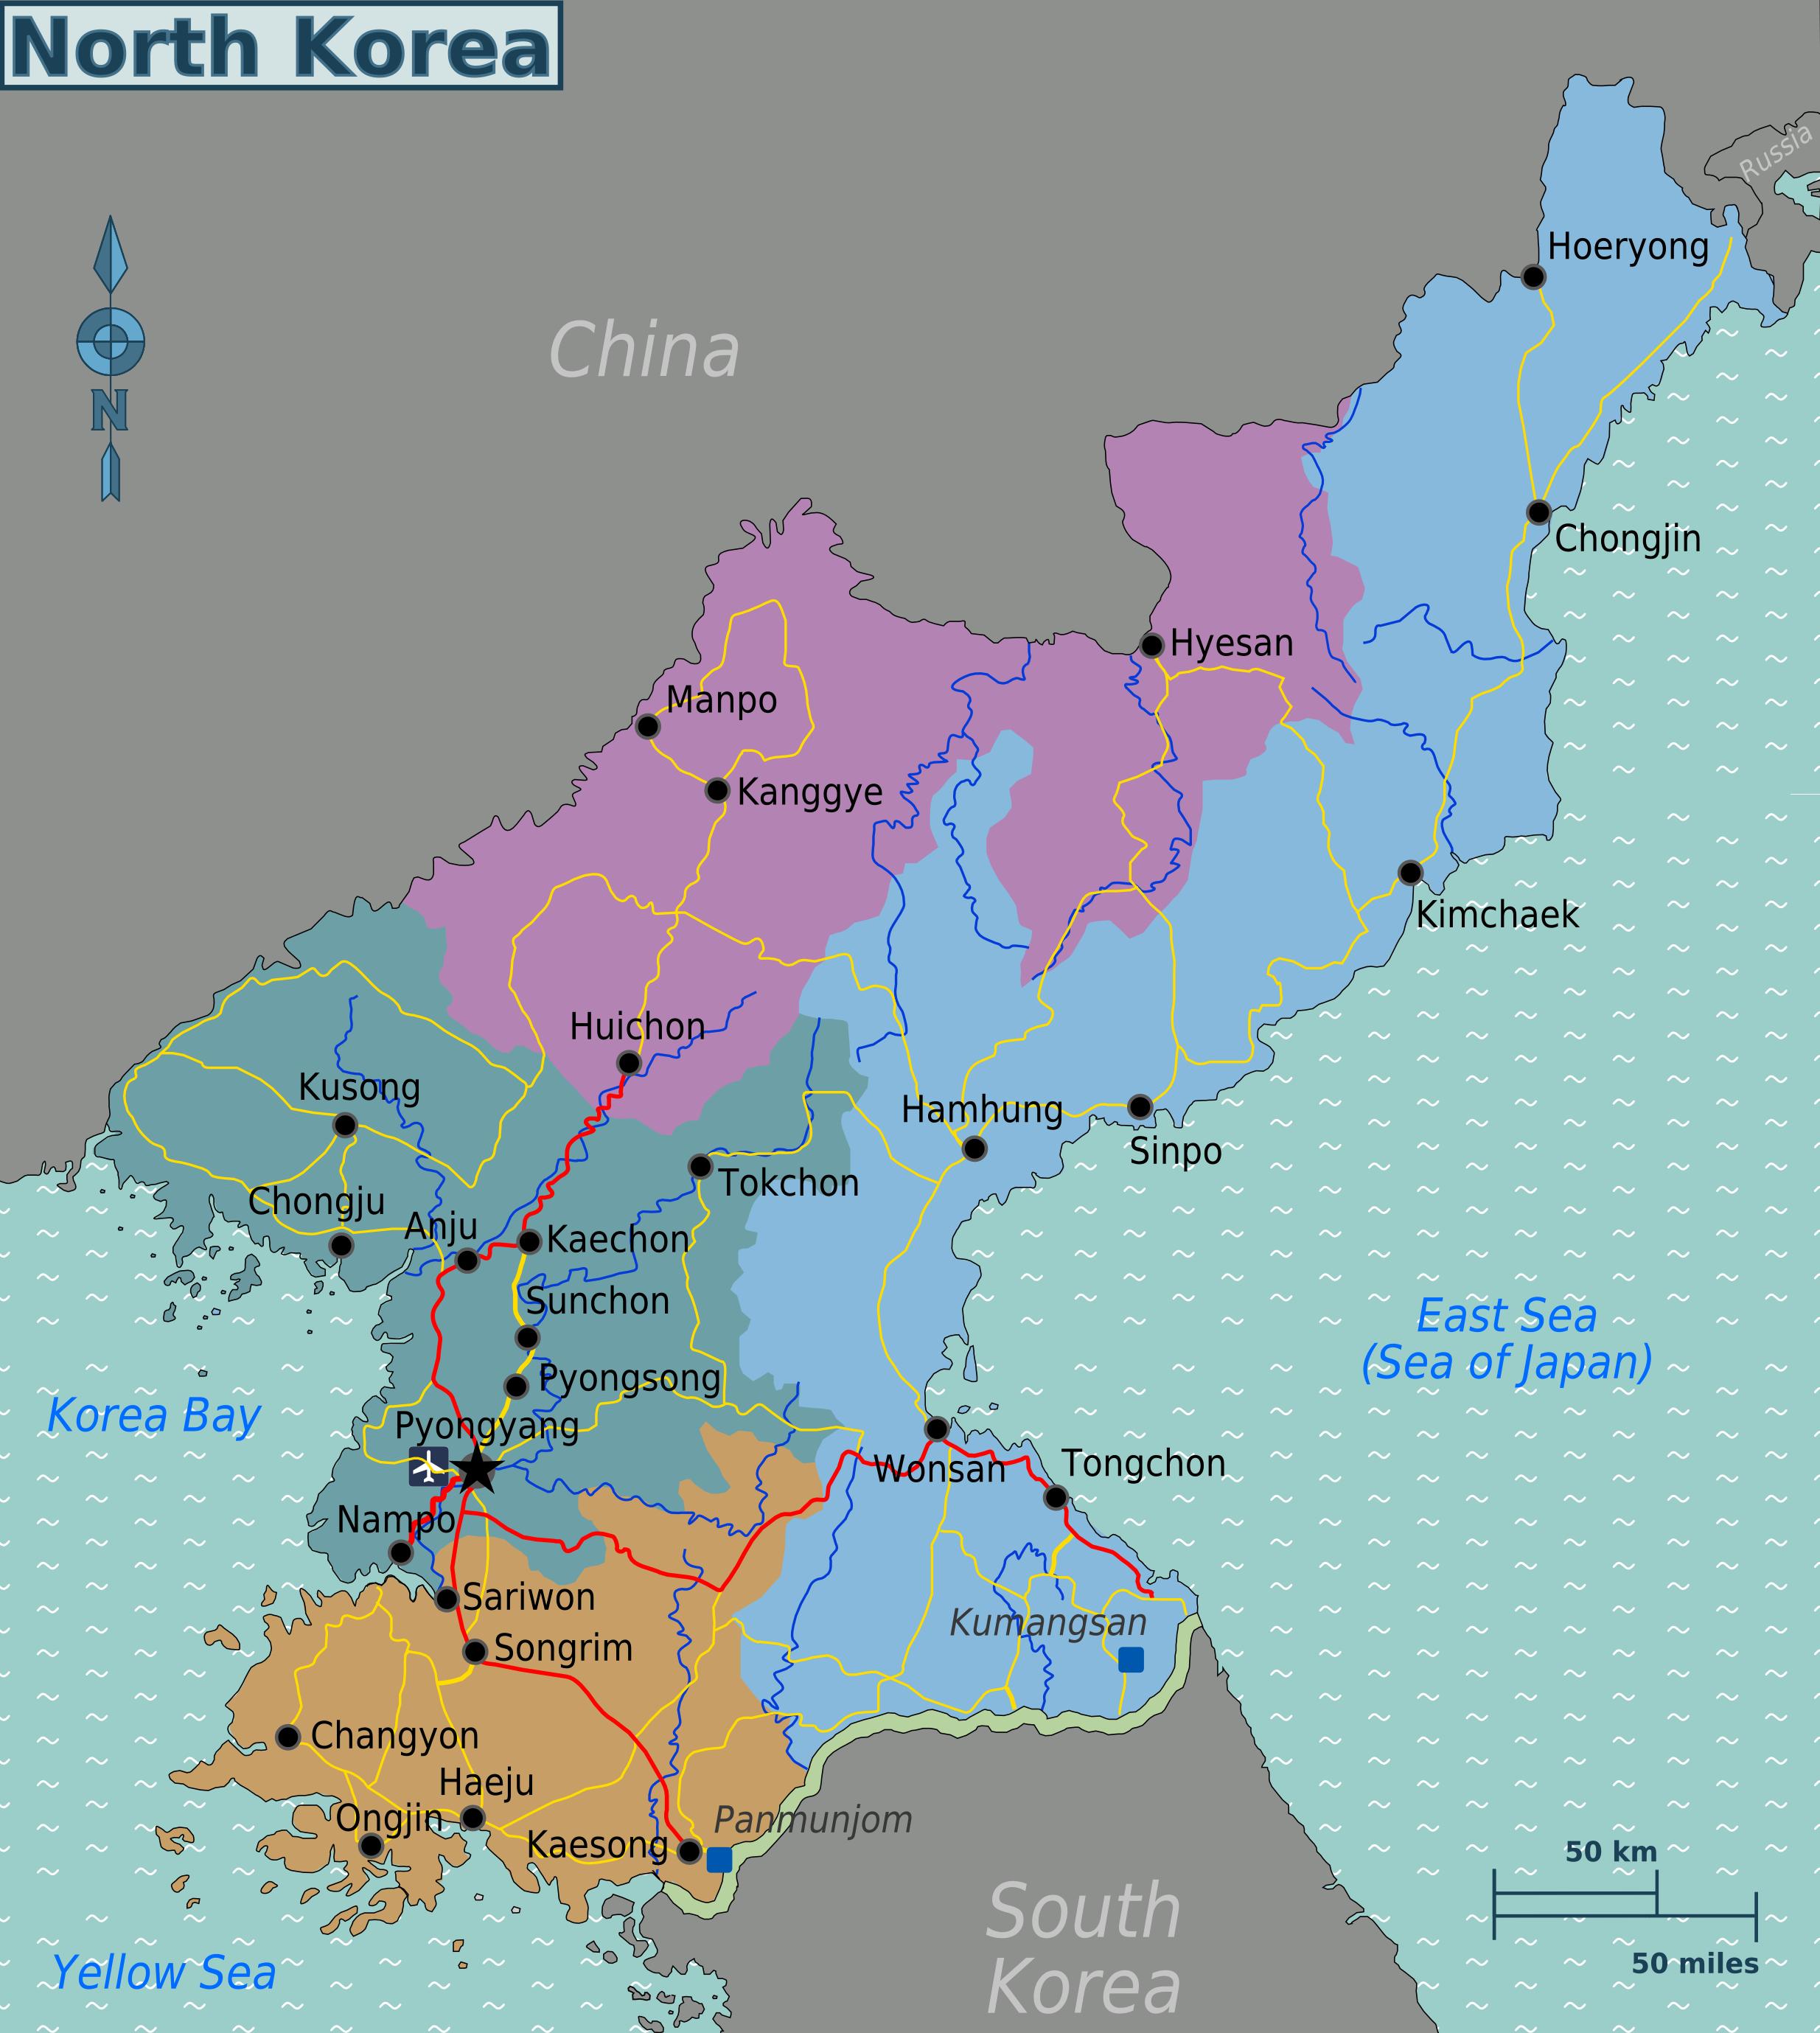 weltkarte nordkorea Landkarte Nordkorea (Karte Regionen) : Weltkarte.  Karten und  weltkarte nordkorea